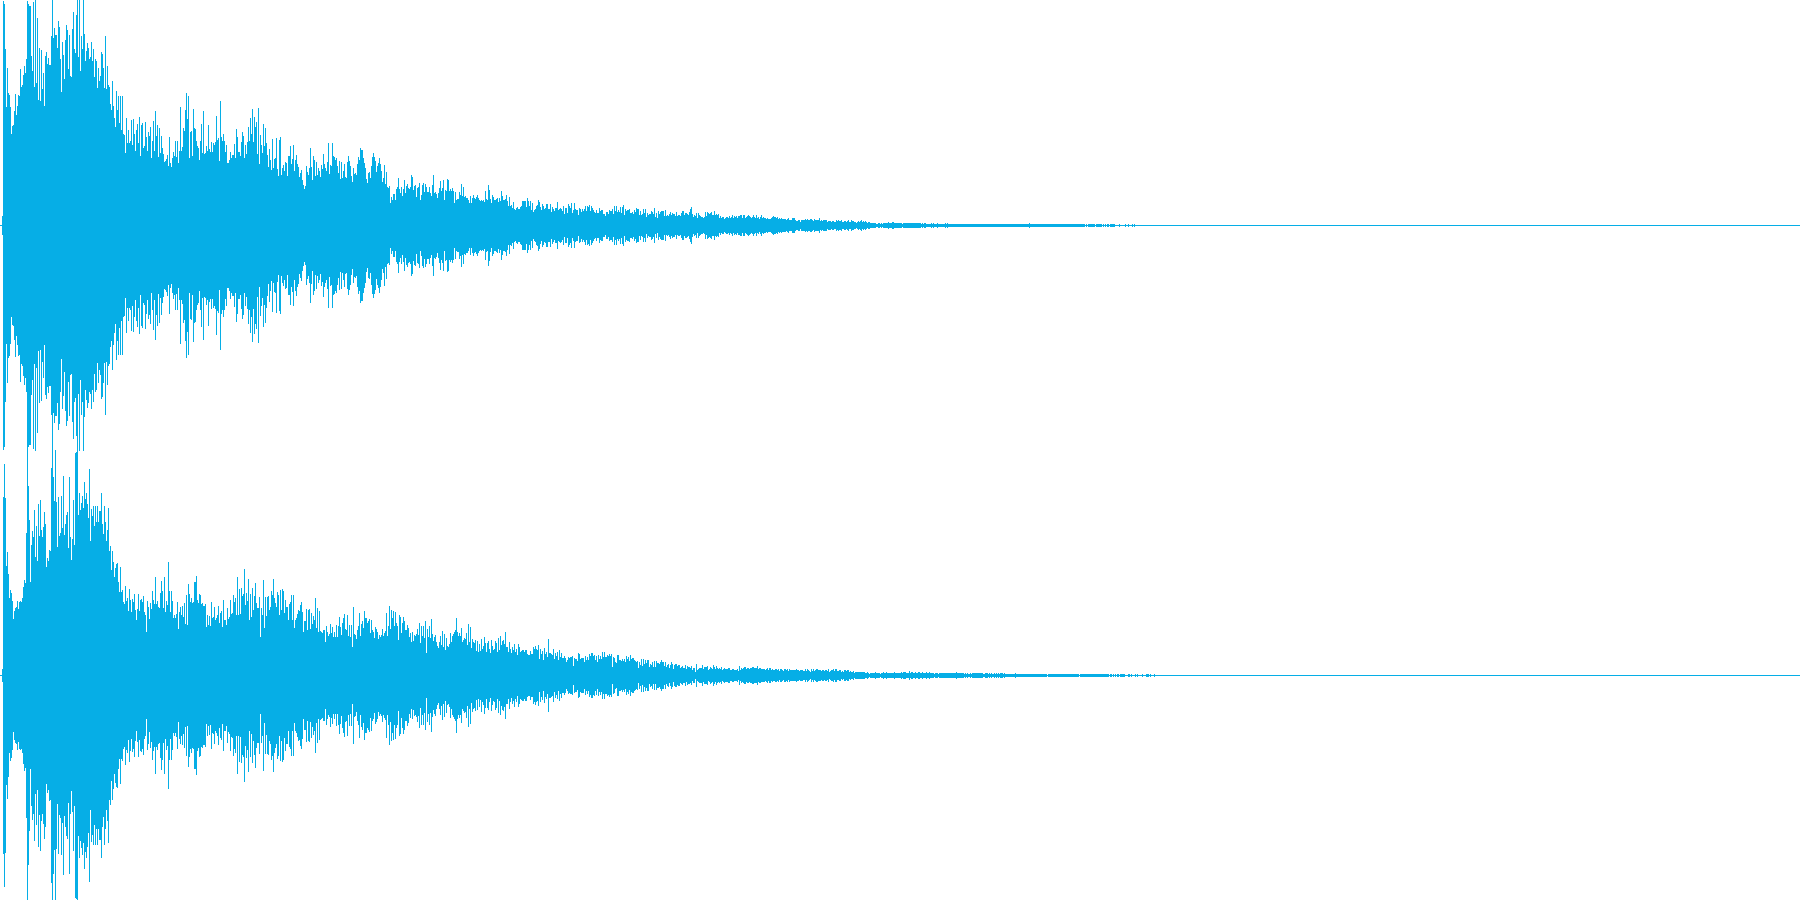 キラーン(決定音、起動音、ゲームアプリ)の再生済みの波形